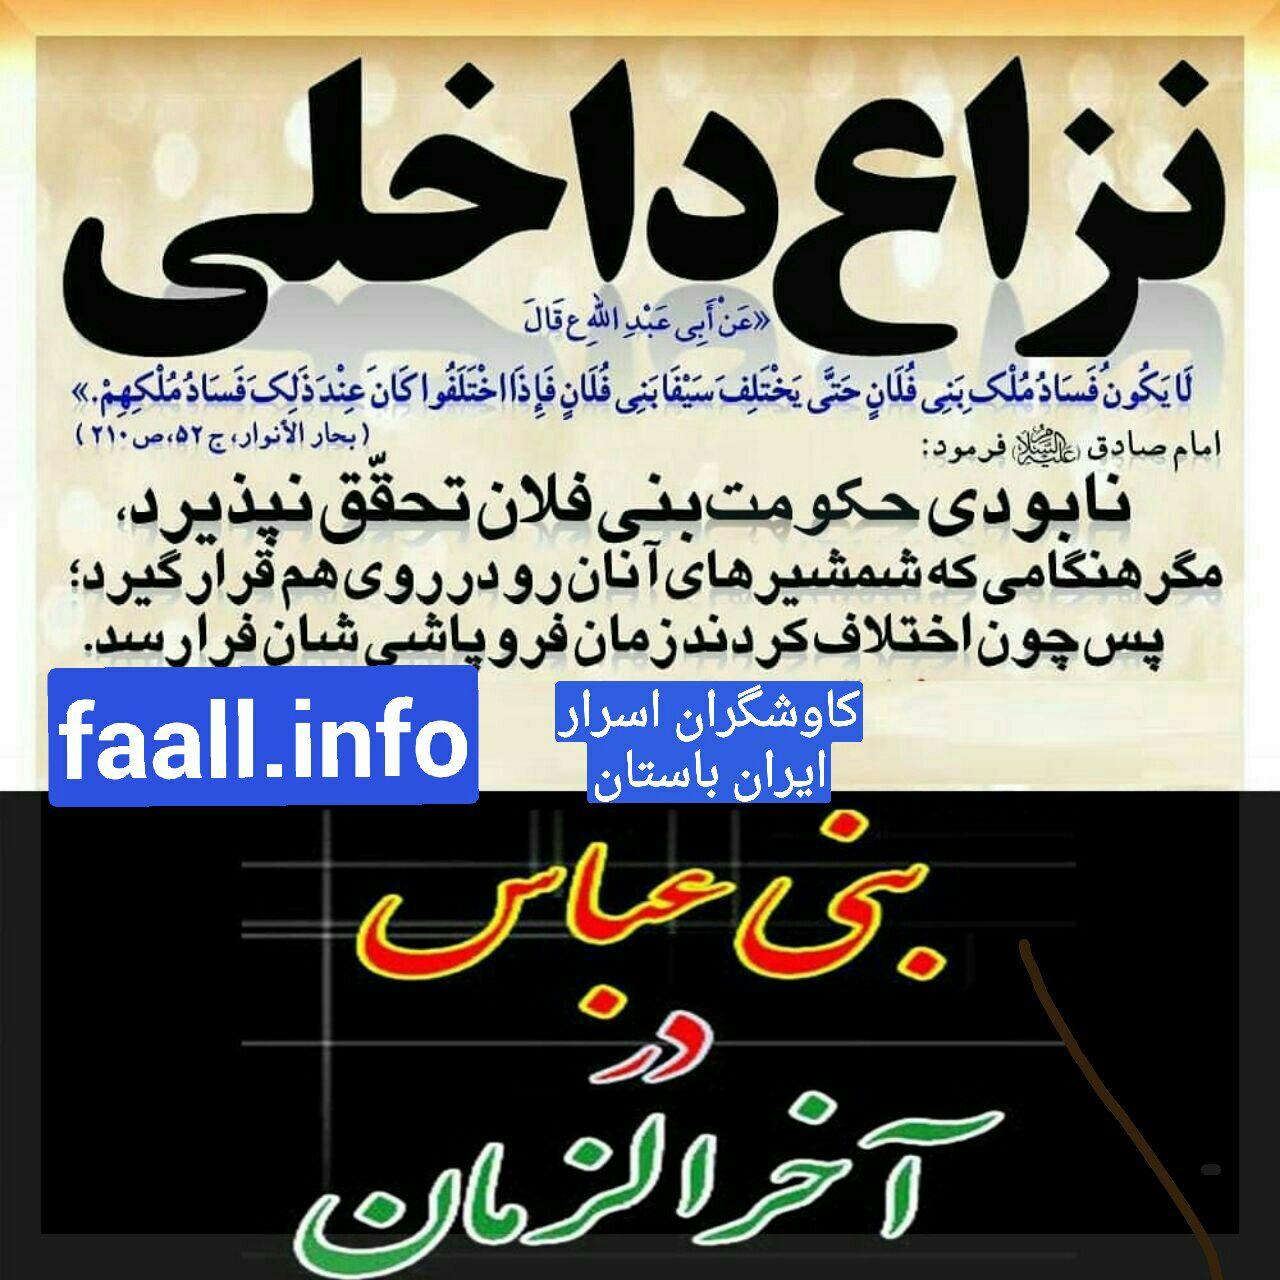 احادیث تکاندهنده حکومت بنی عباس دوم حکومت ایران در آخرالزمان